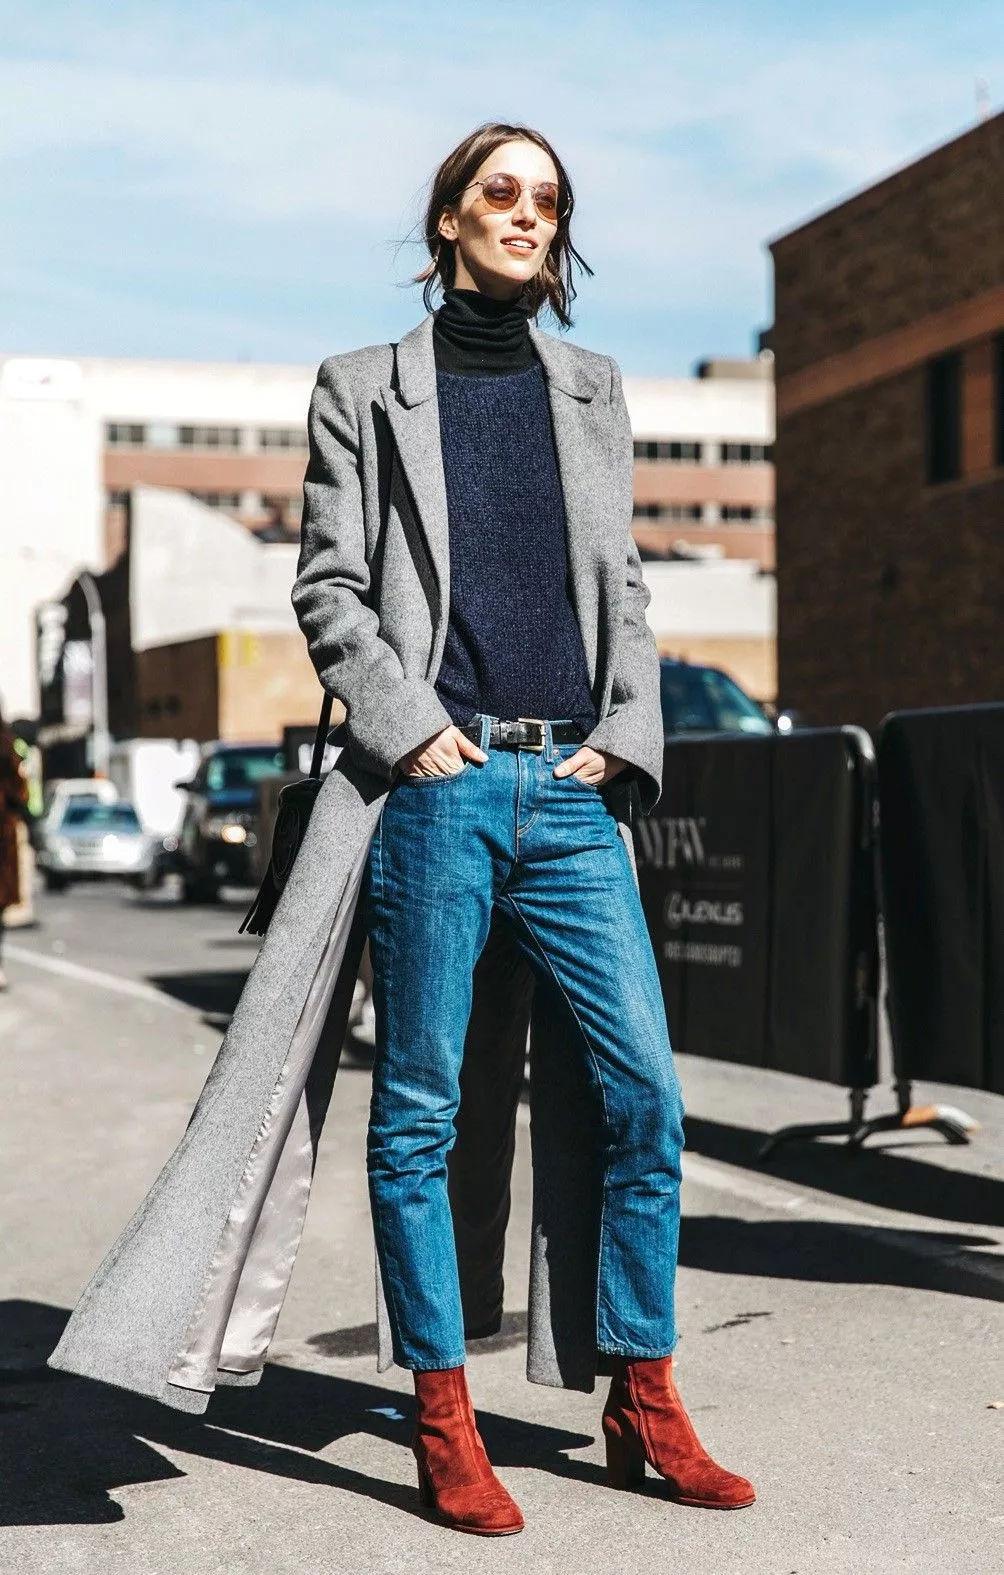 大衣+牛仔裤+踝靴,冬季王炸组合!_经典